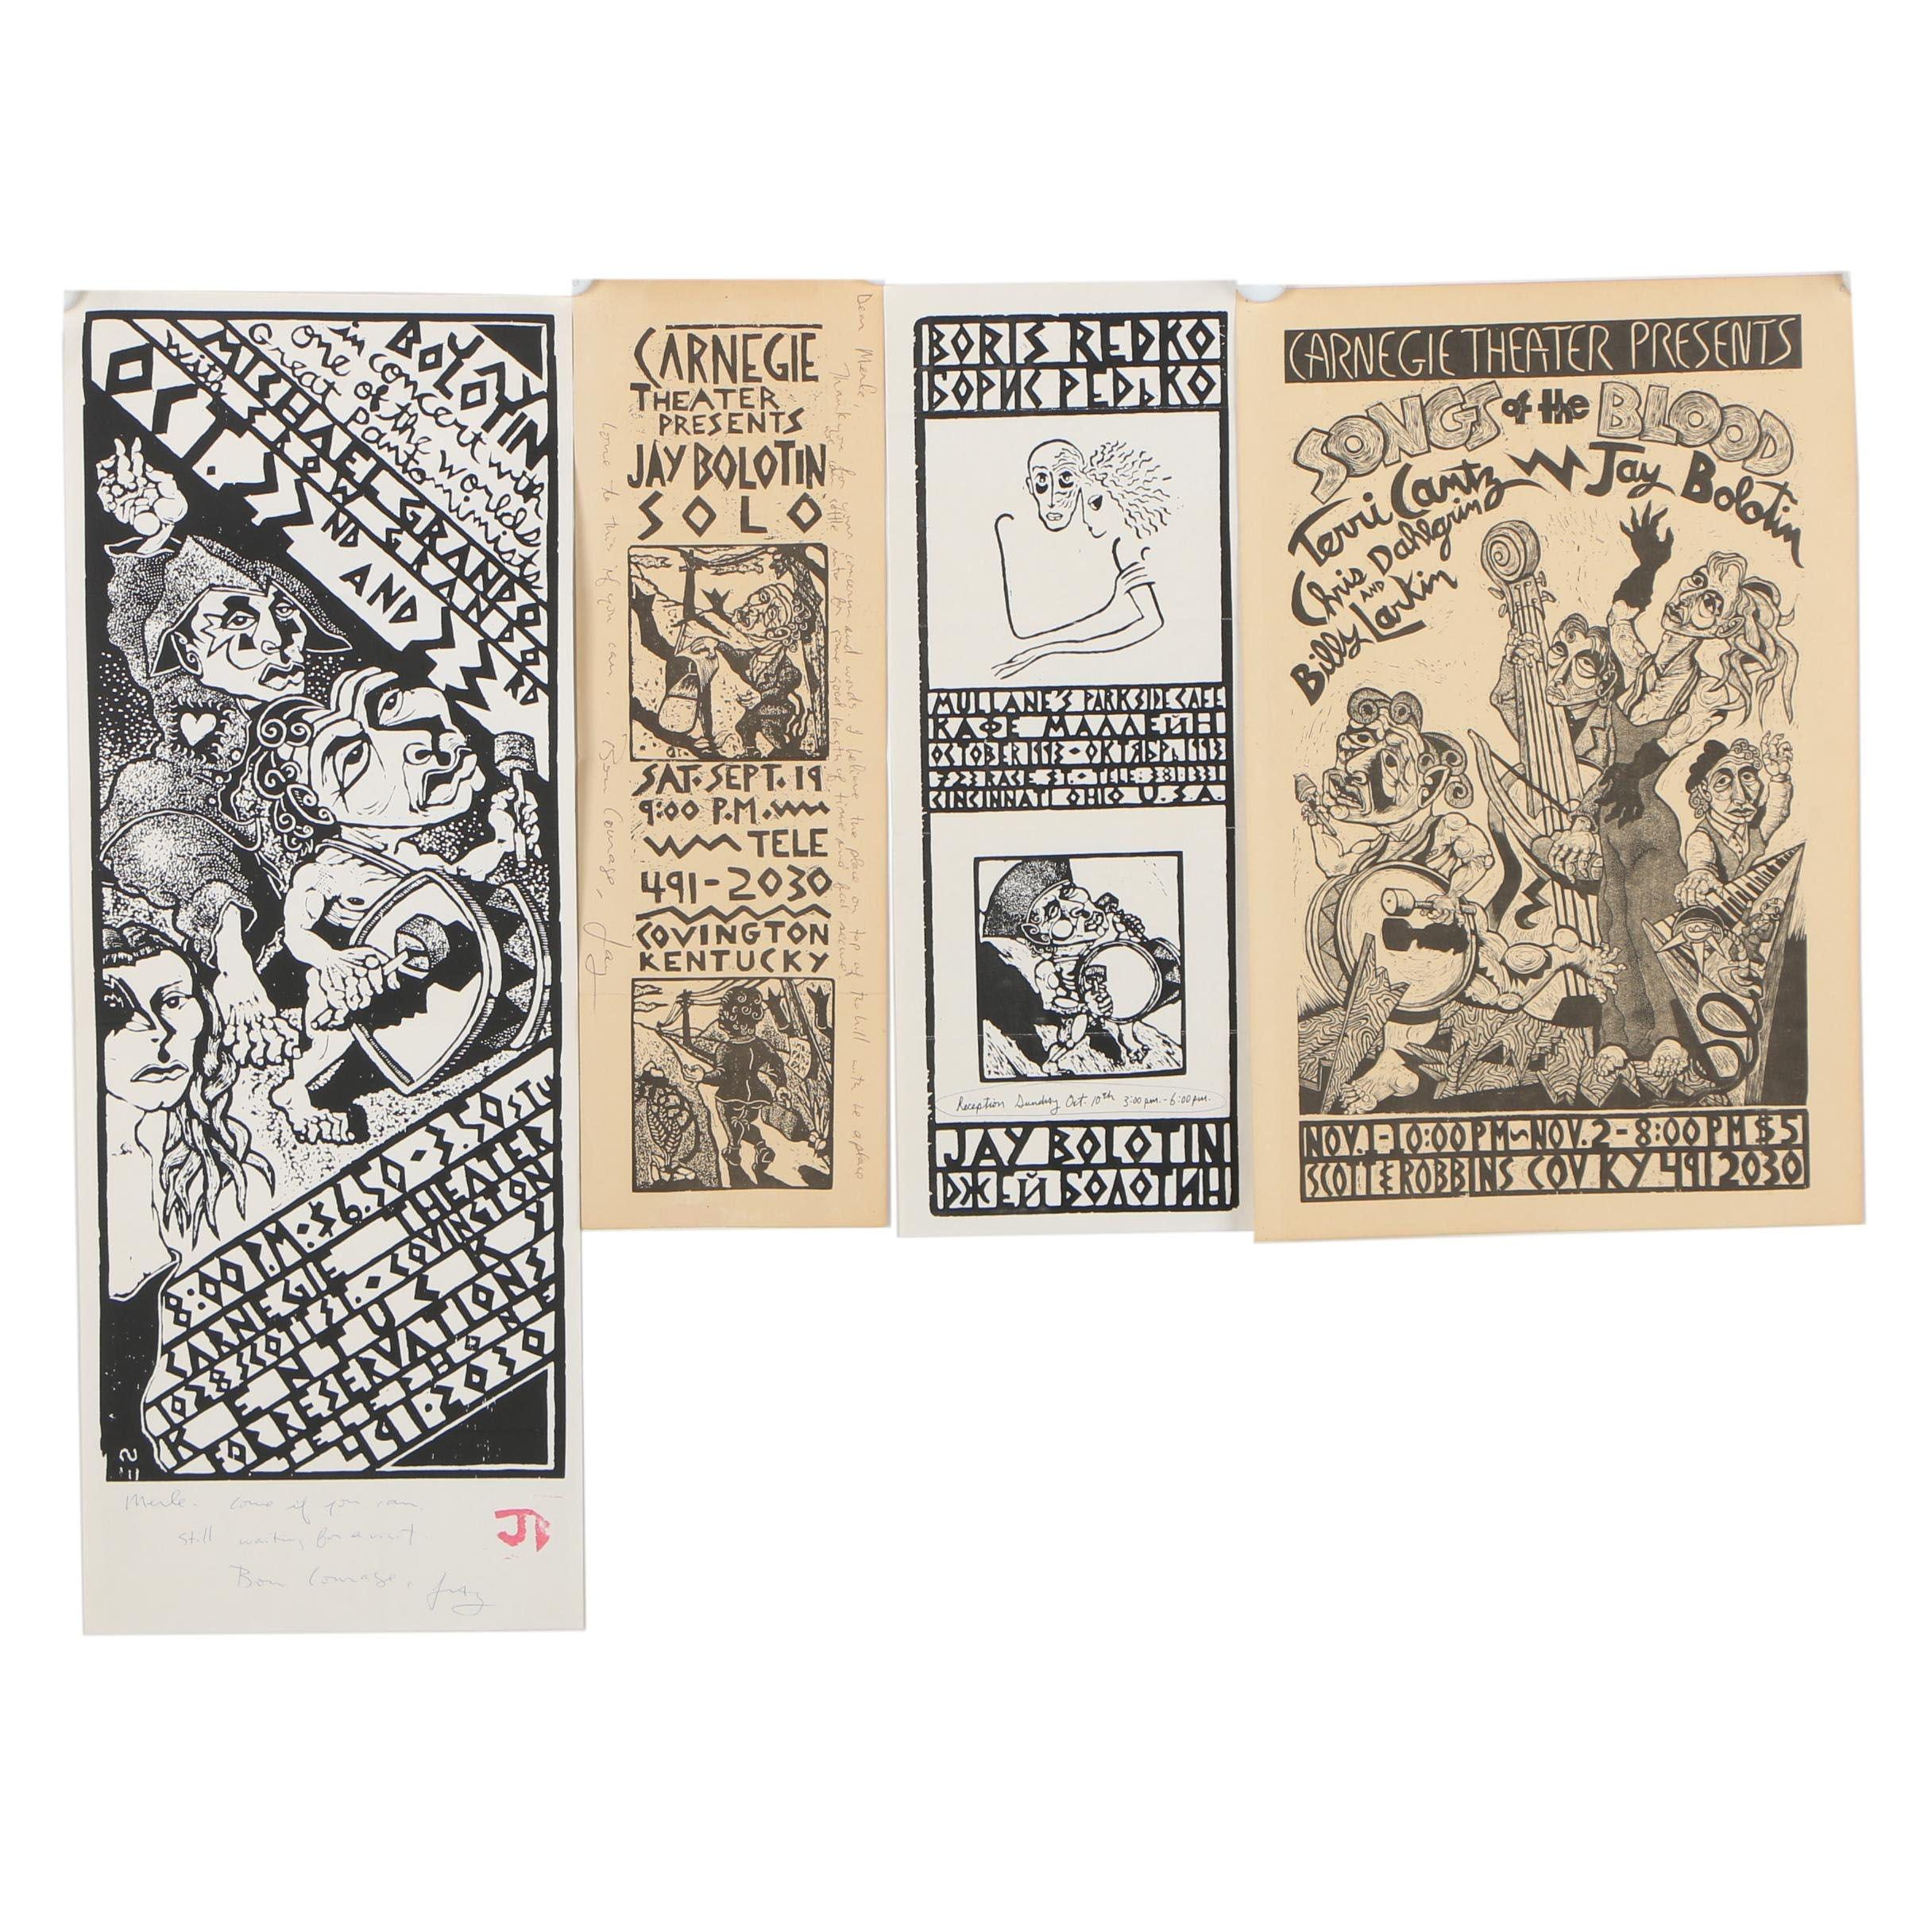 Jay Bolotin Woodcut Prints